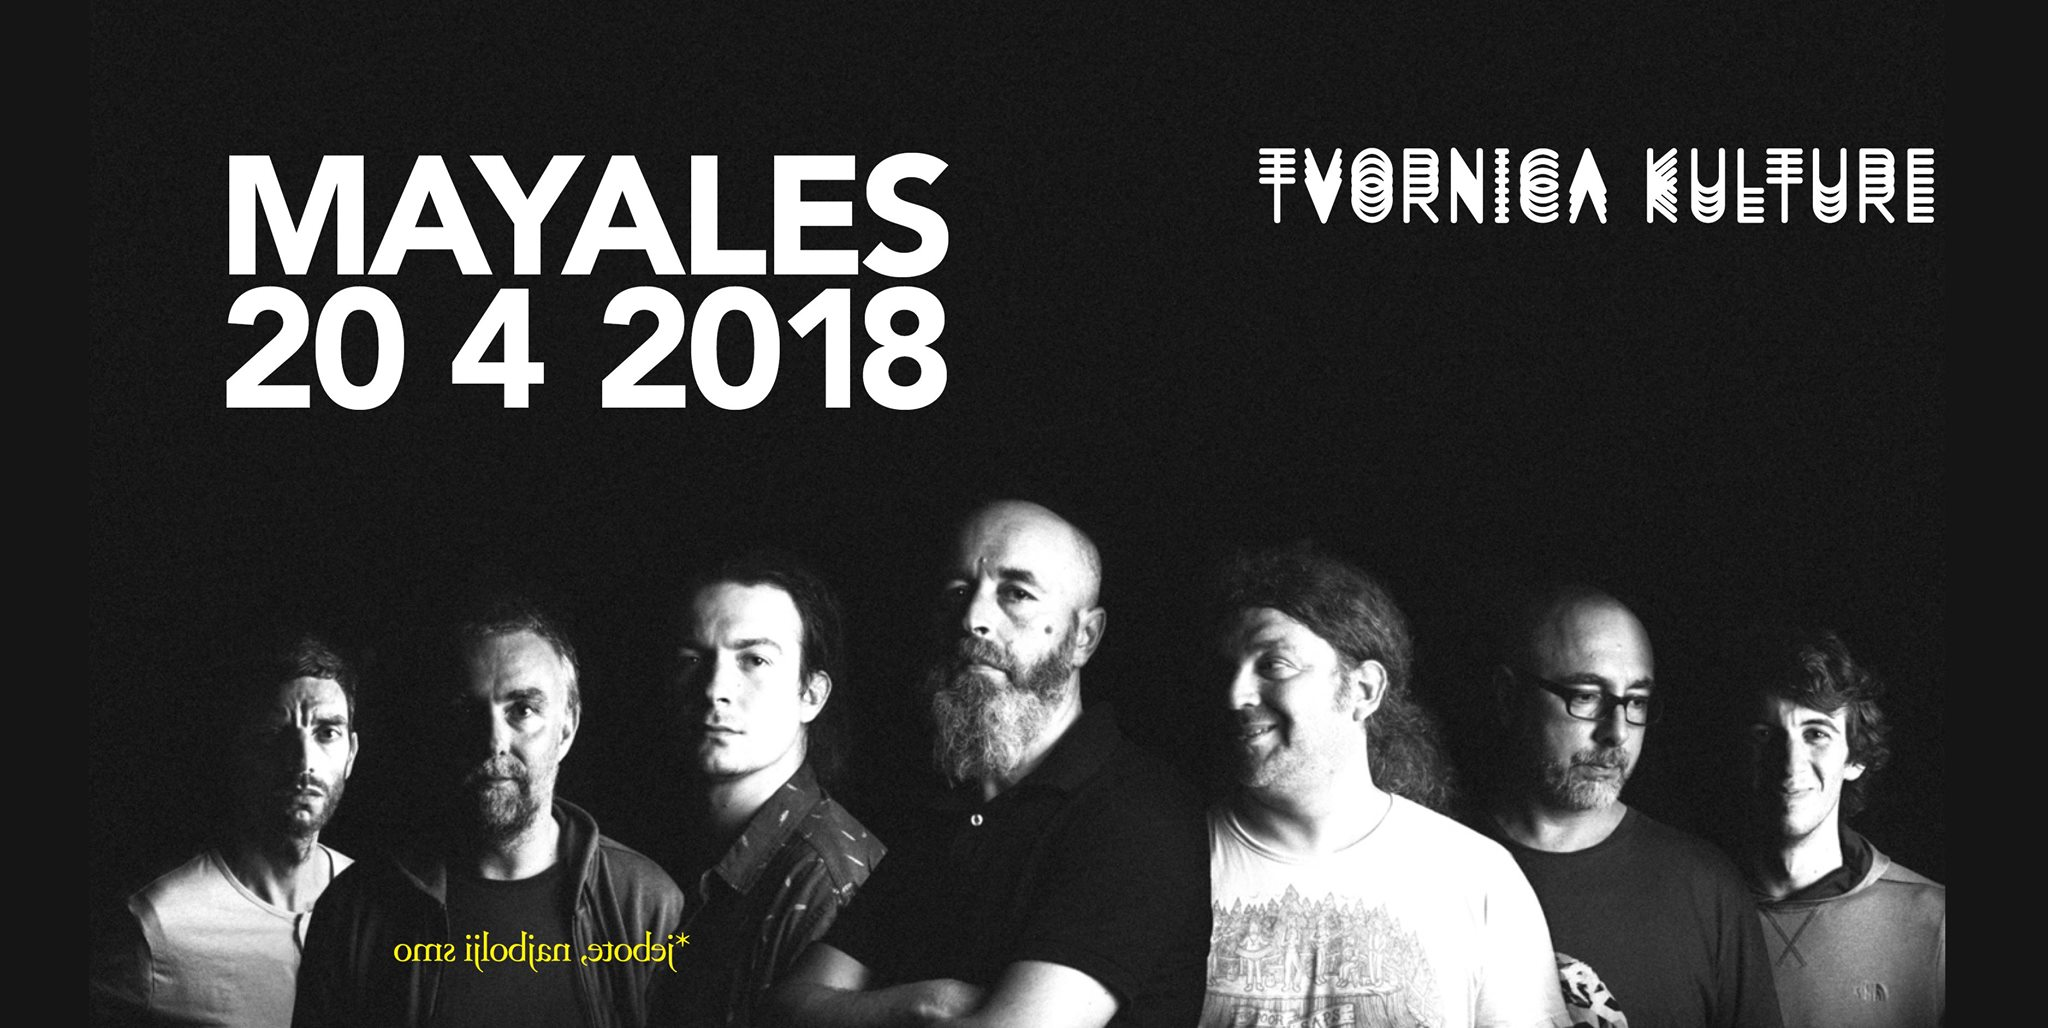 Najava koncerta grupe Mayales u Tvornici kulture, u petak 20. travnja